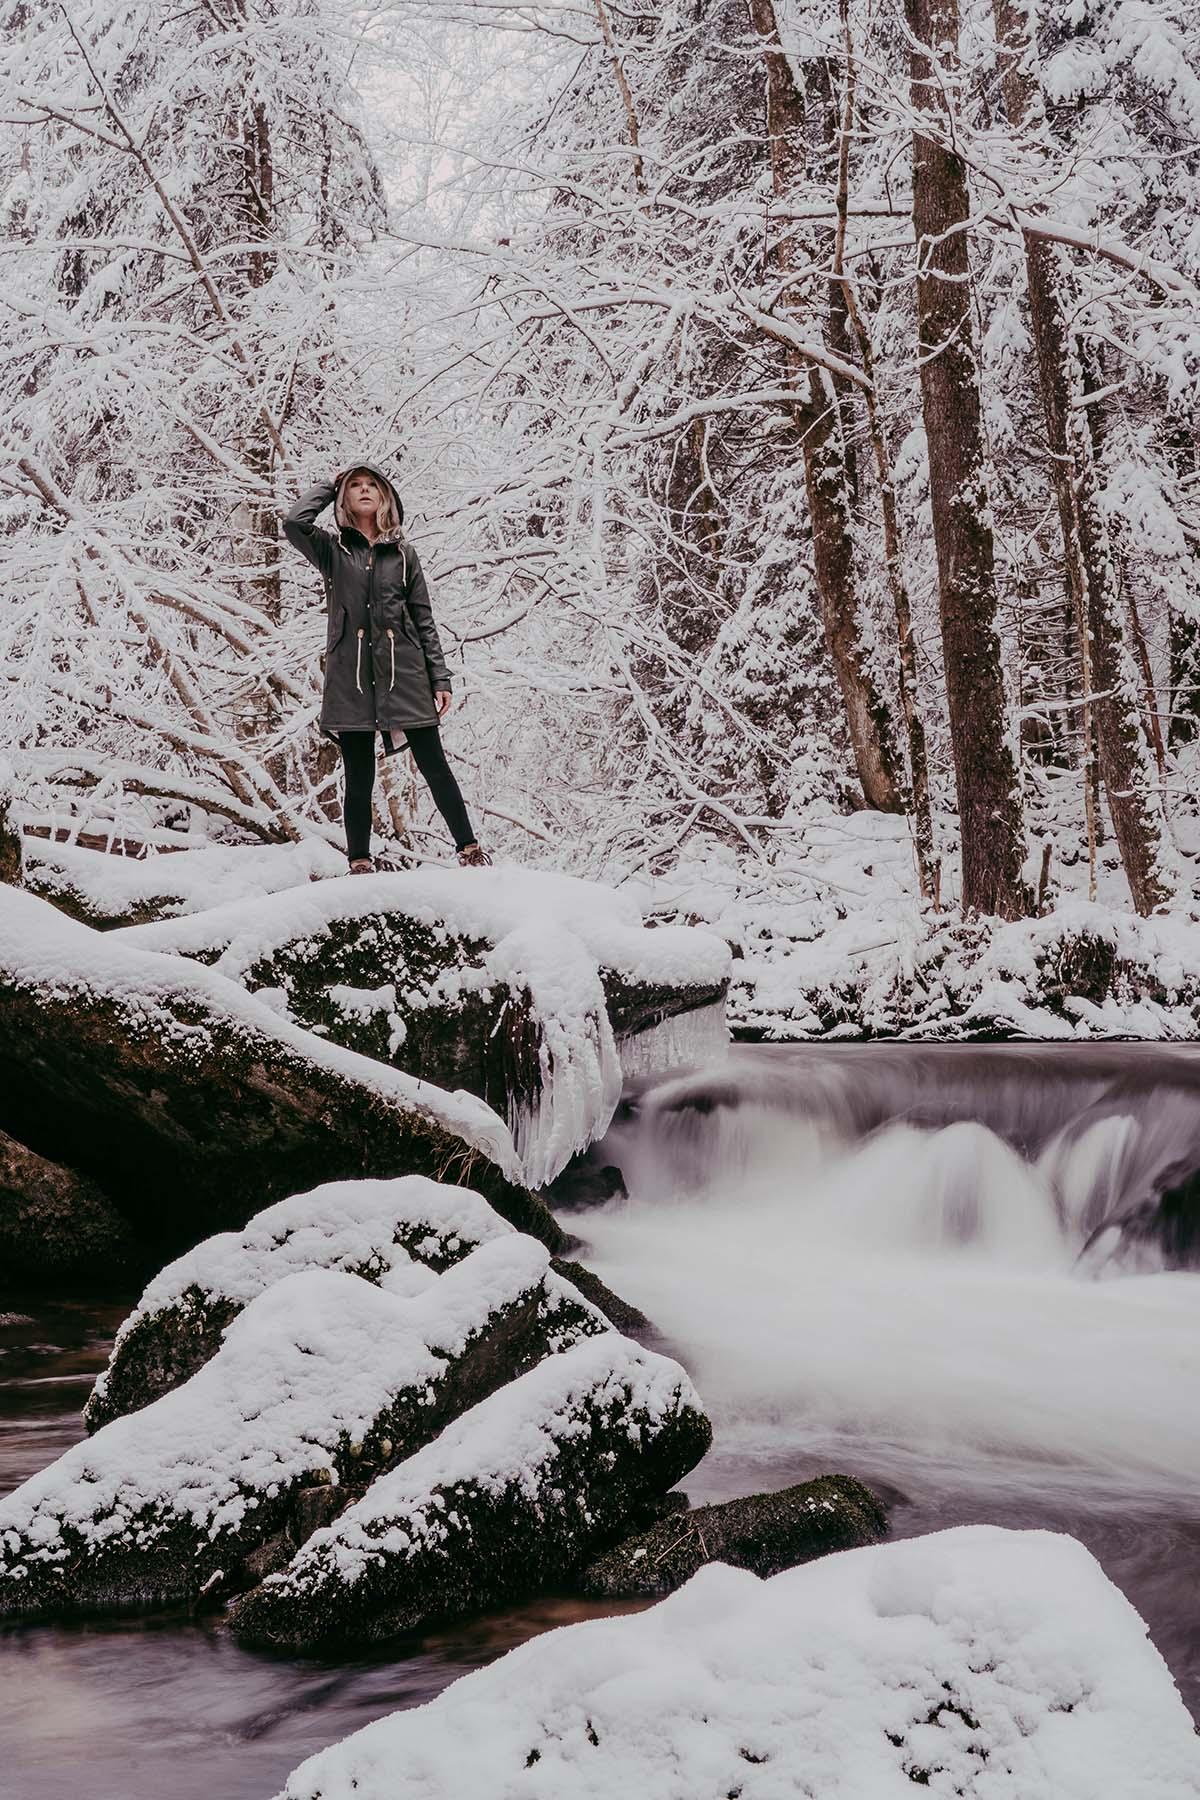 baernloch-winter-frau